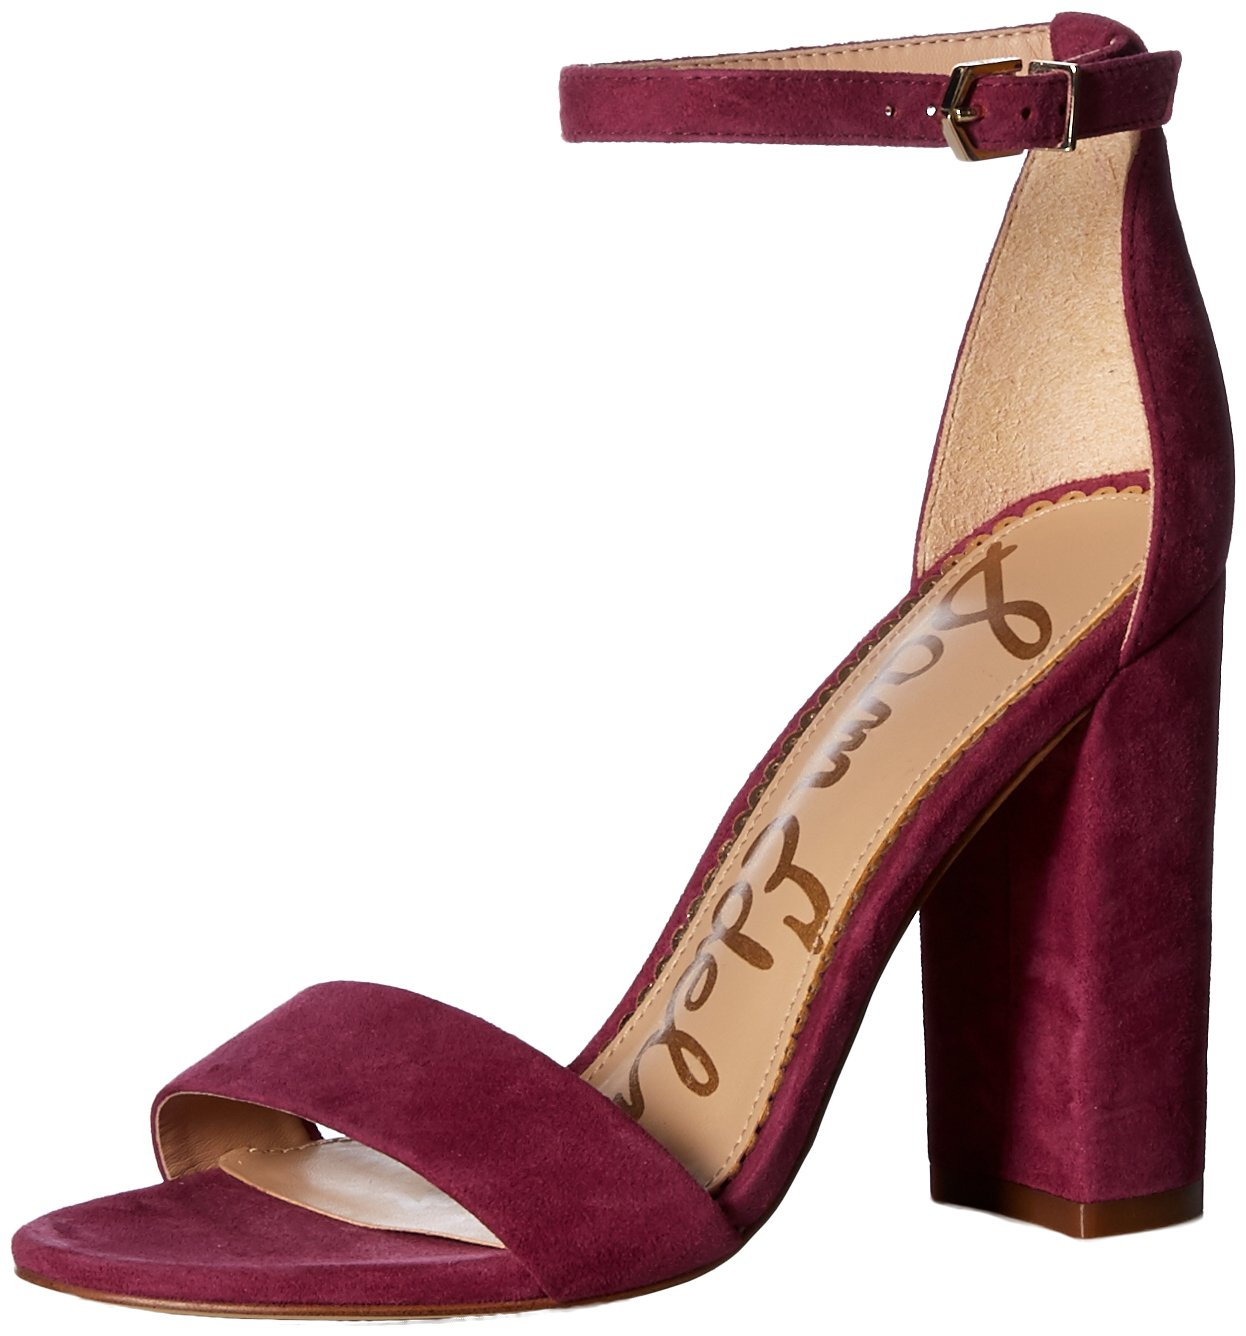 Sam Edelman Women's Yaro Heeled Sandal, Mulberry Pink, 7.5 M US